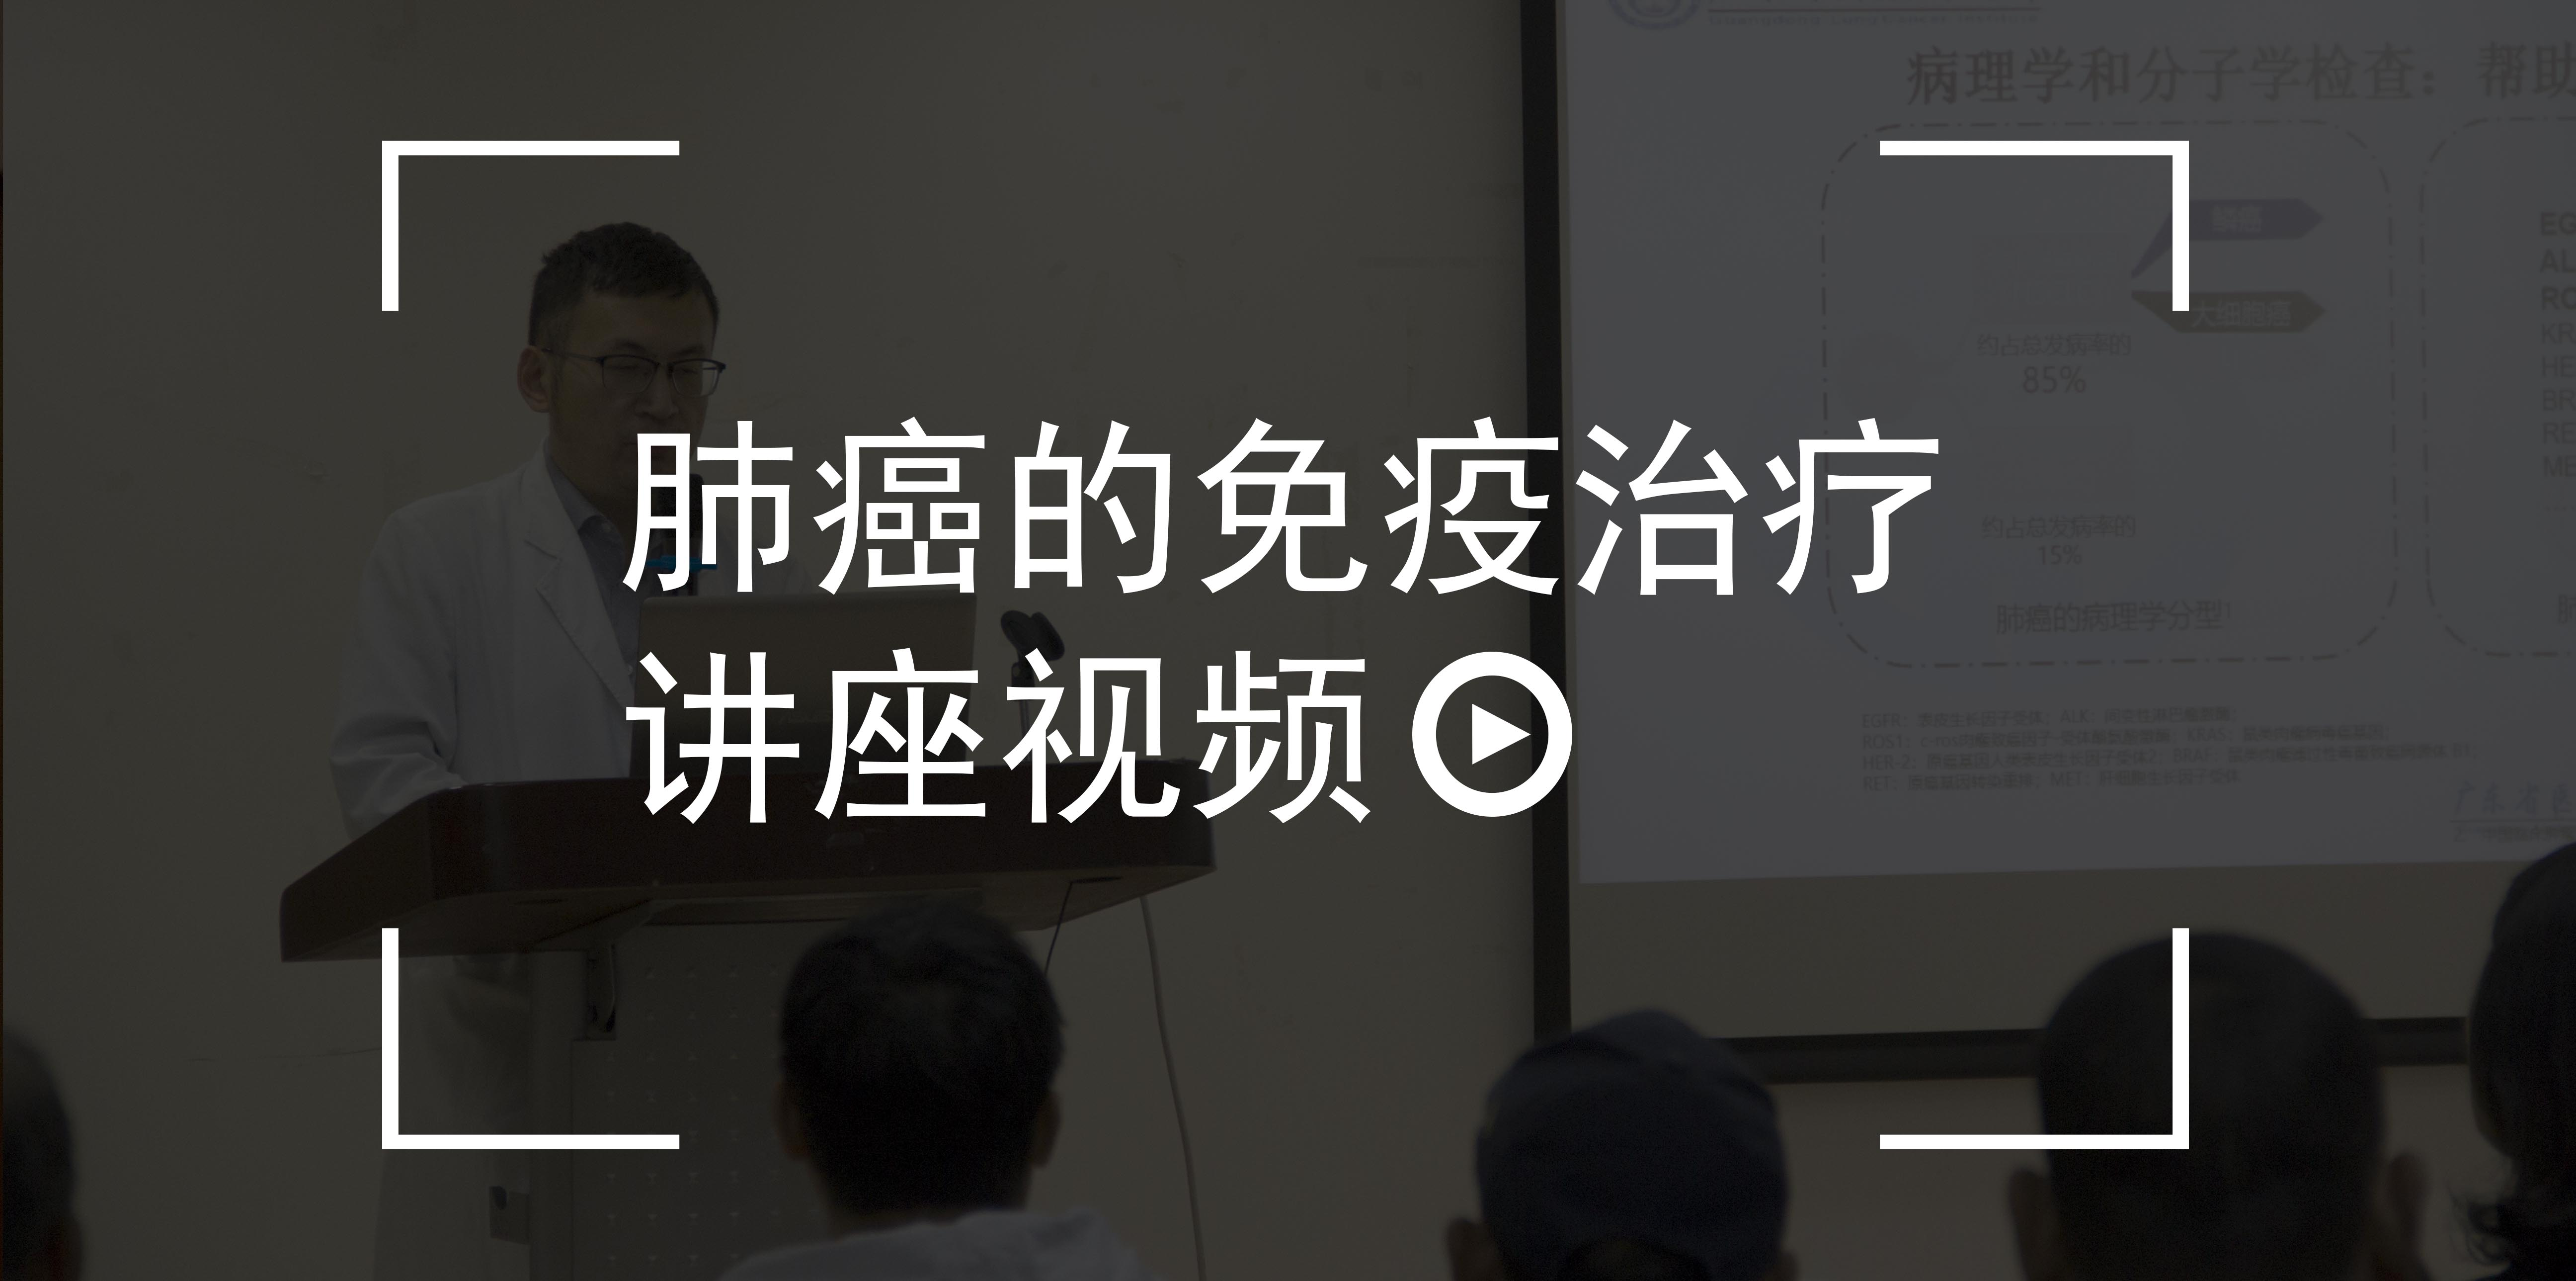 第9期讲座视频:肺癌免疫治疗(含讲座PPT)